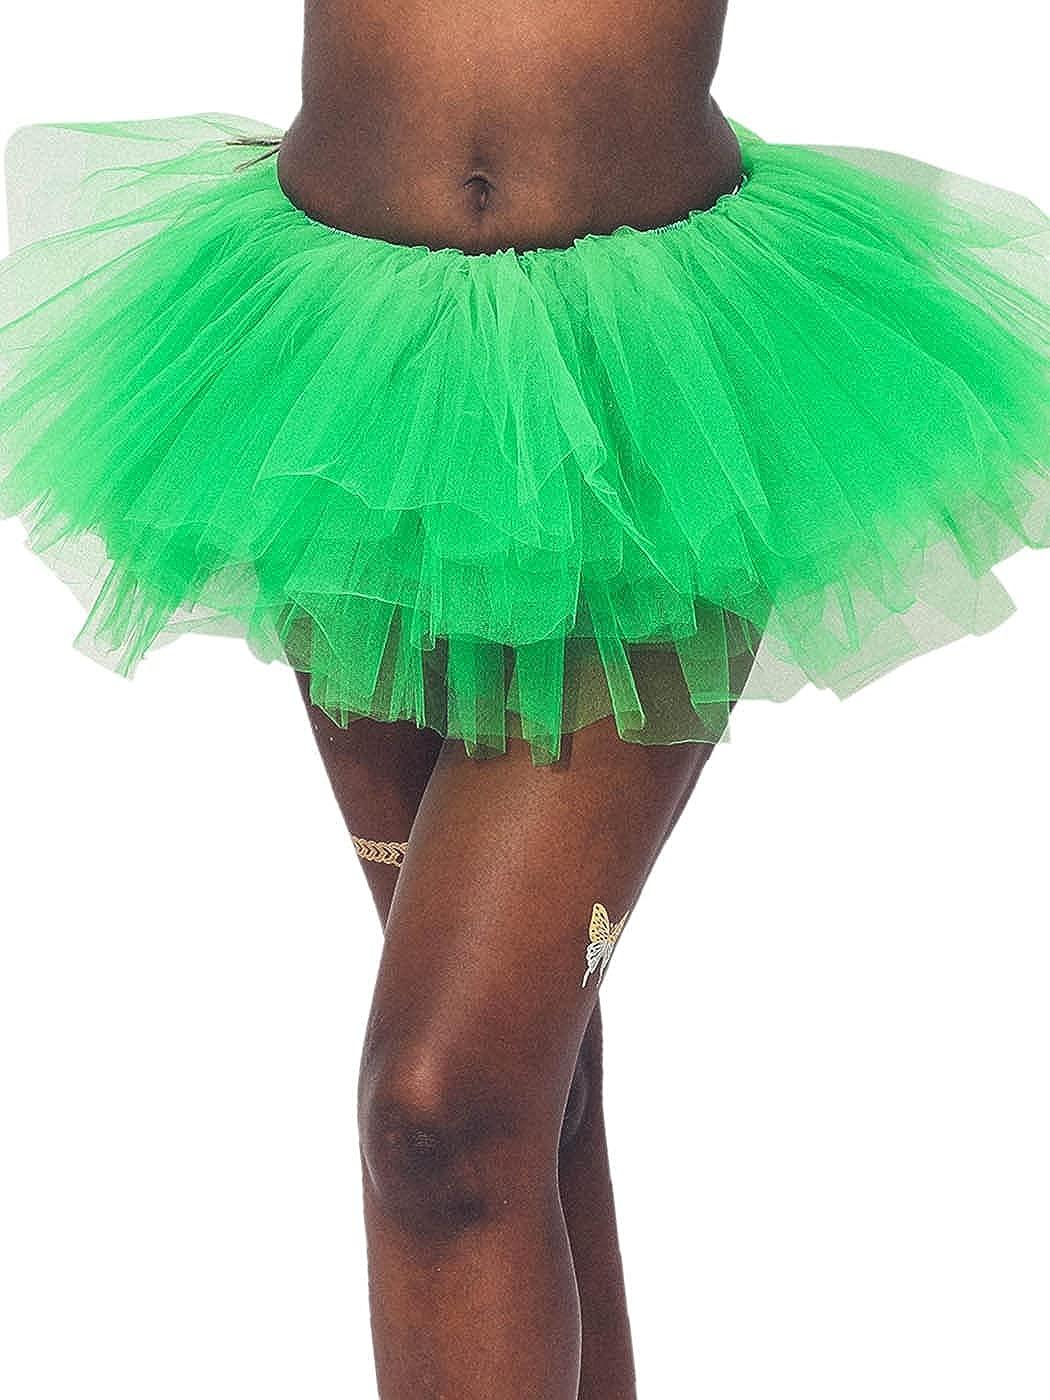 TWINKLEDE Women's Tulle Tutu Skirt Classic Elastic Layered Ballet Tutu Skirts for Women and Girls